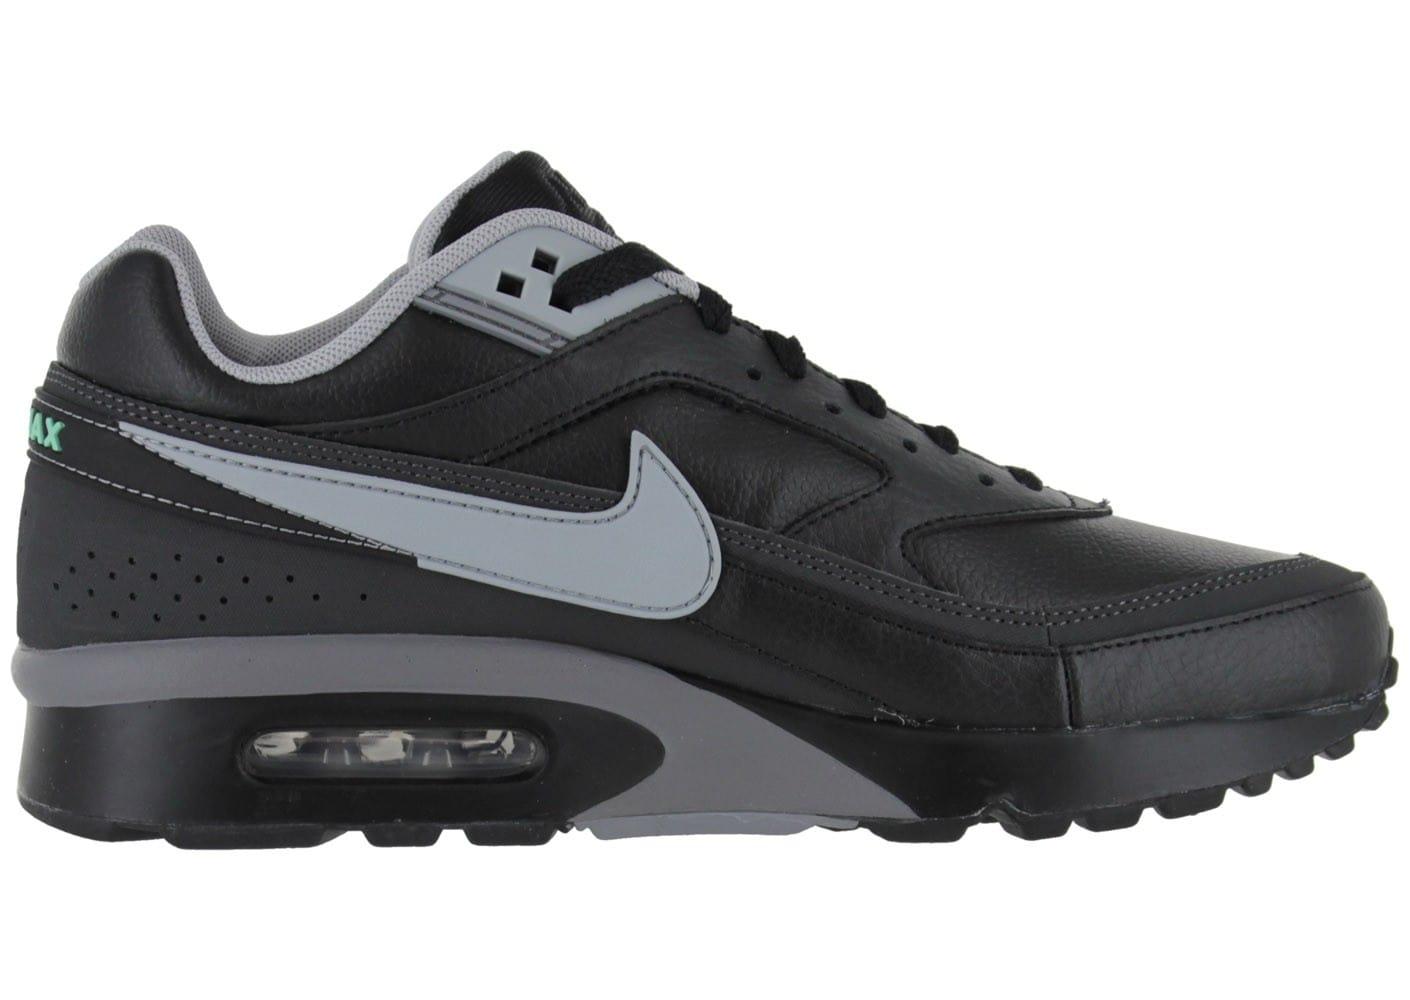 los angeles 35665 9511c Prix de gros air max classic bw noir France vente en ligne, toutes les  gammes de chaussures Nike pour hommes et femmes outlet pas cher.